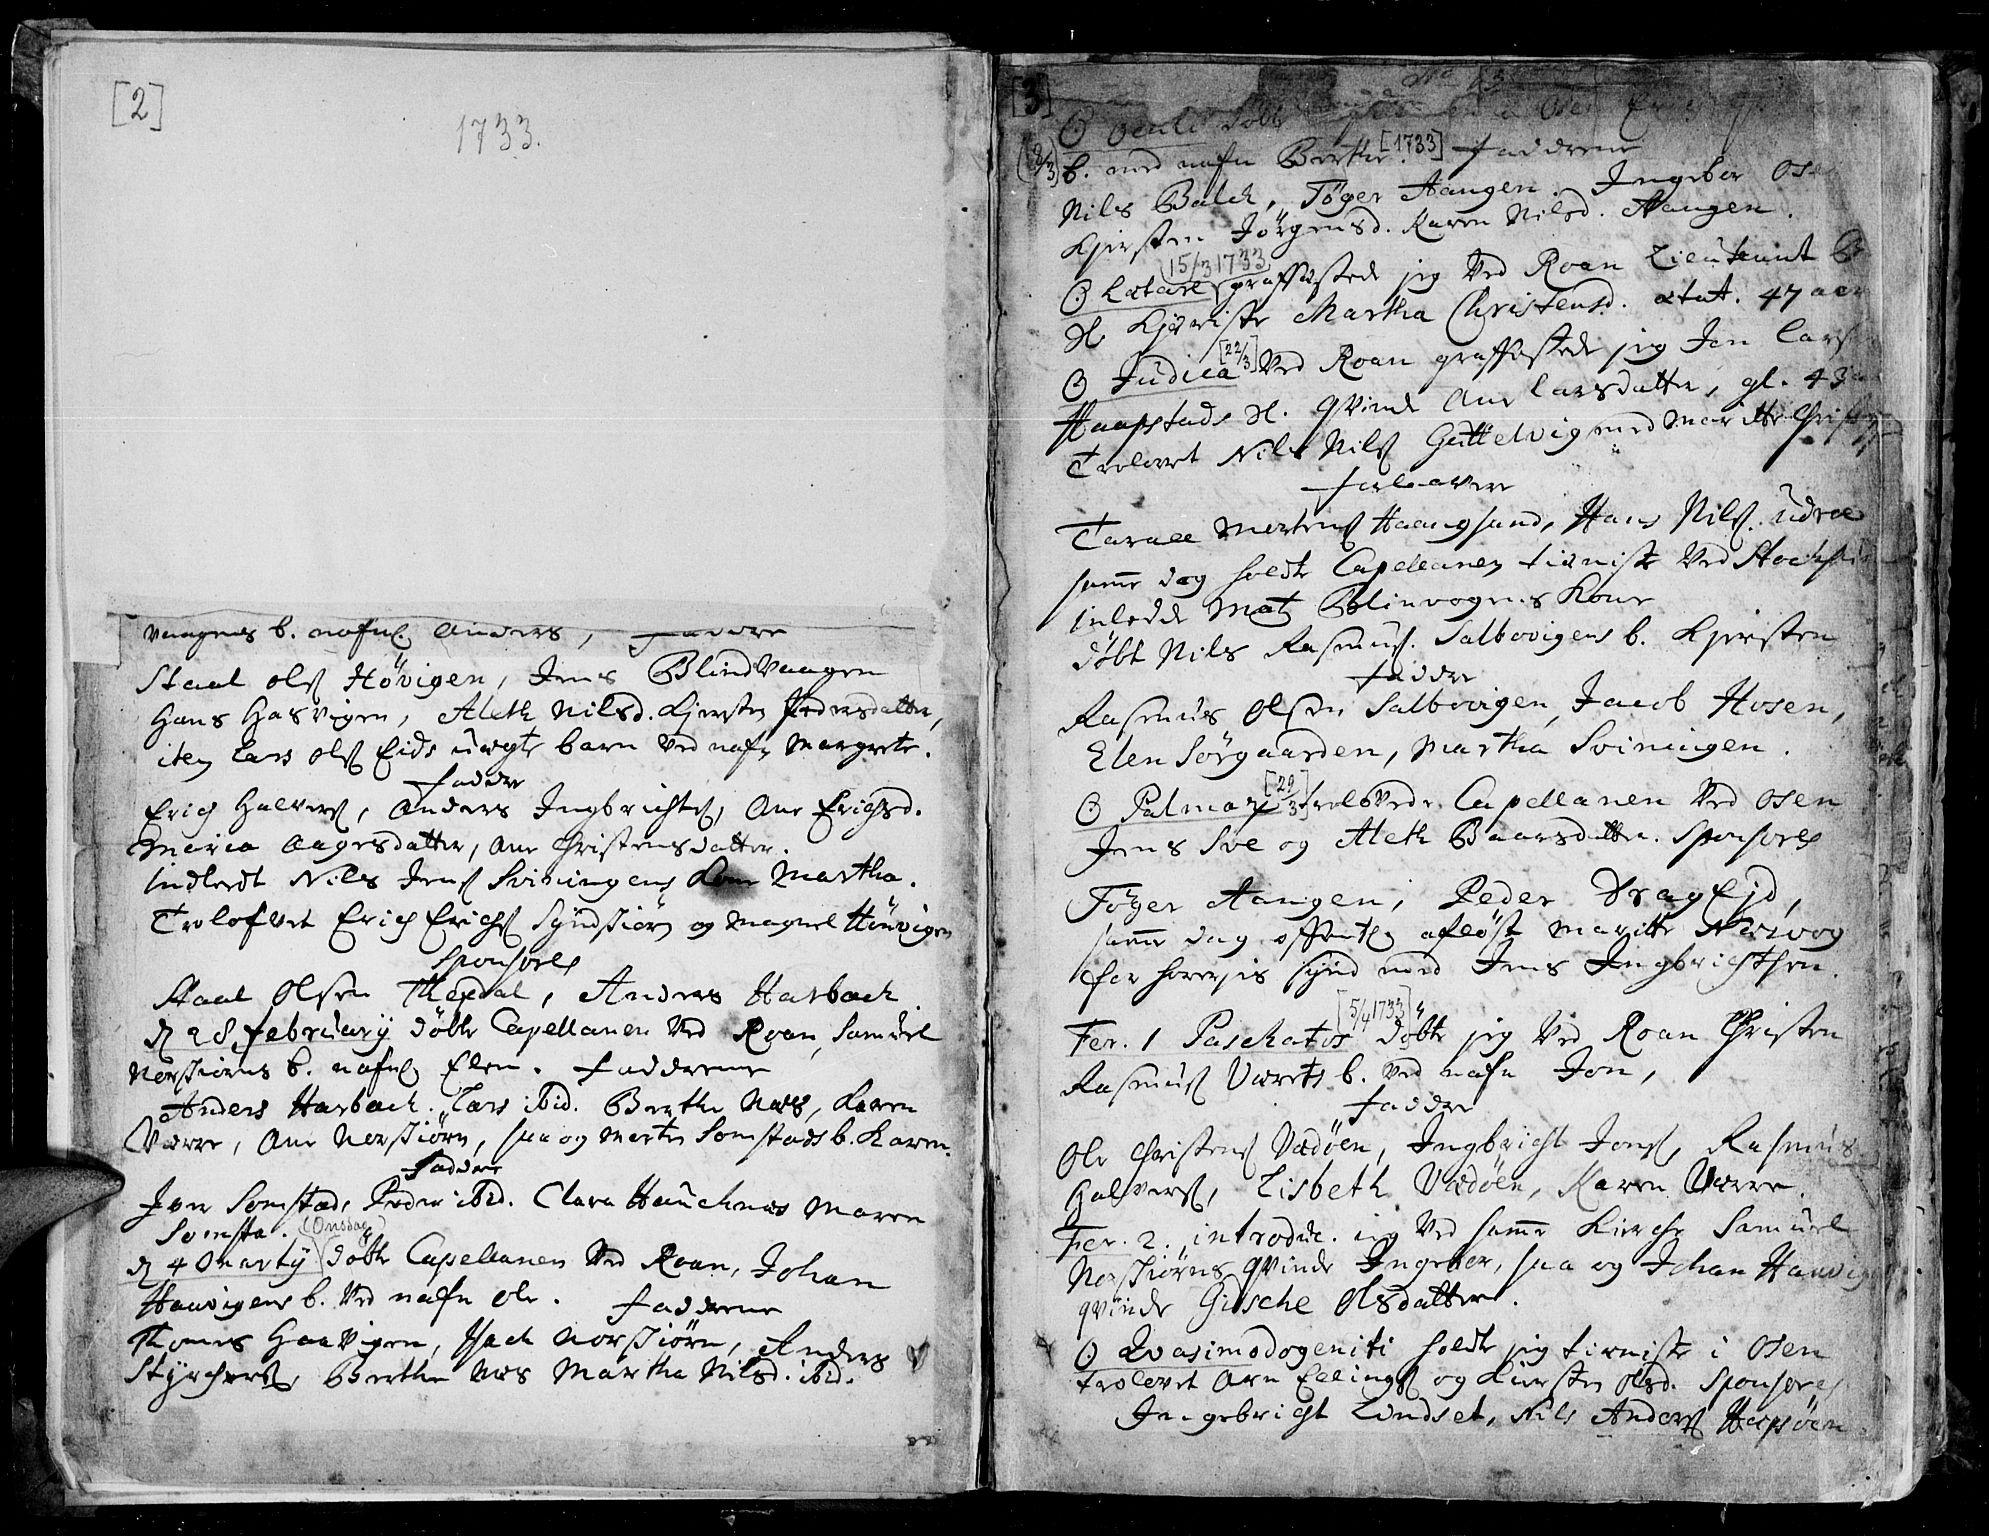 SAT, Ministerialprotokoller, klokkerbøker og fødselsregistre - Sør-Trøndelag, 657/L0700: Ministerialbok nr. 657A01, 1732-1801, s. 2-3